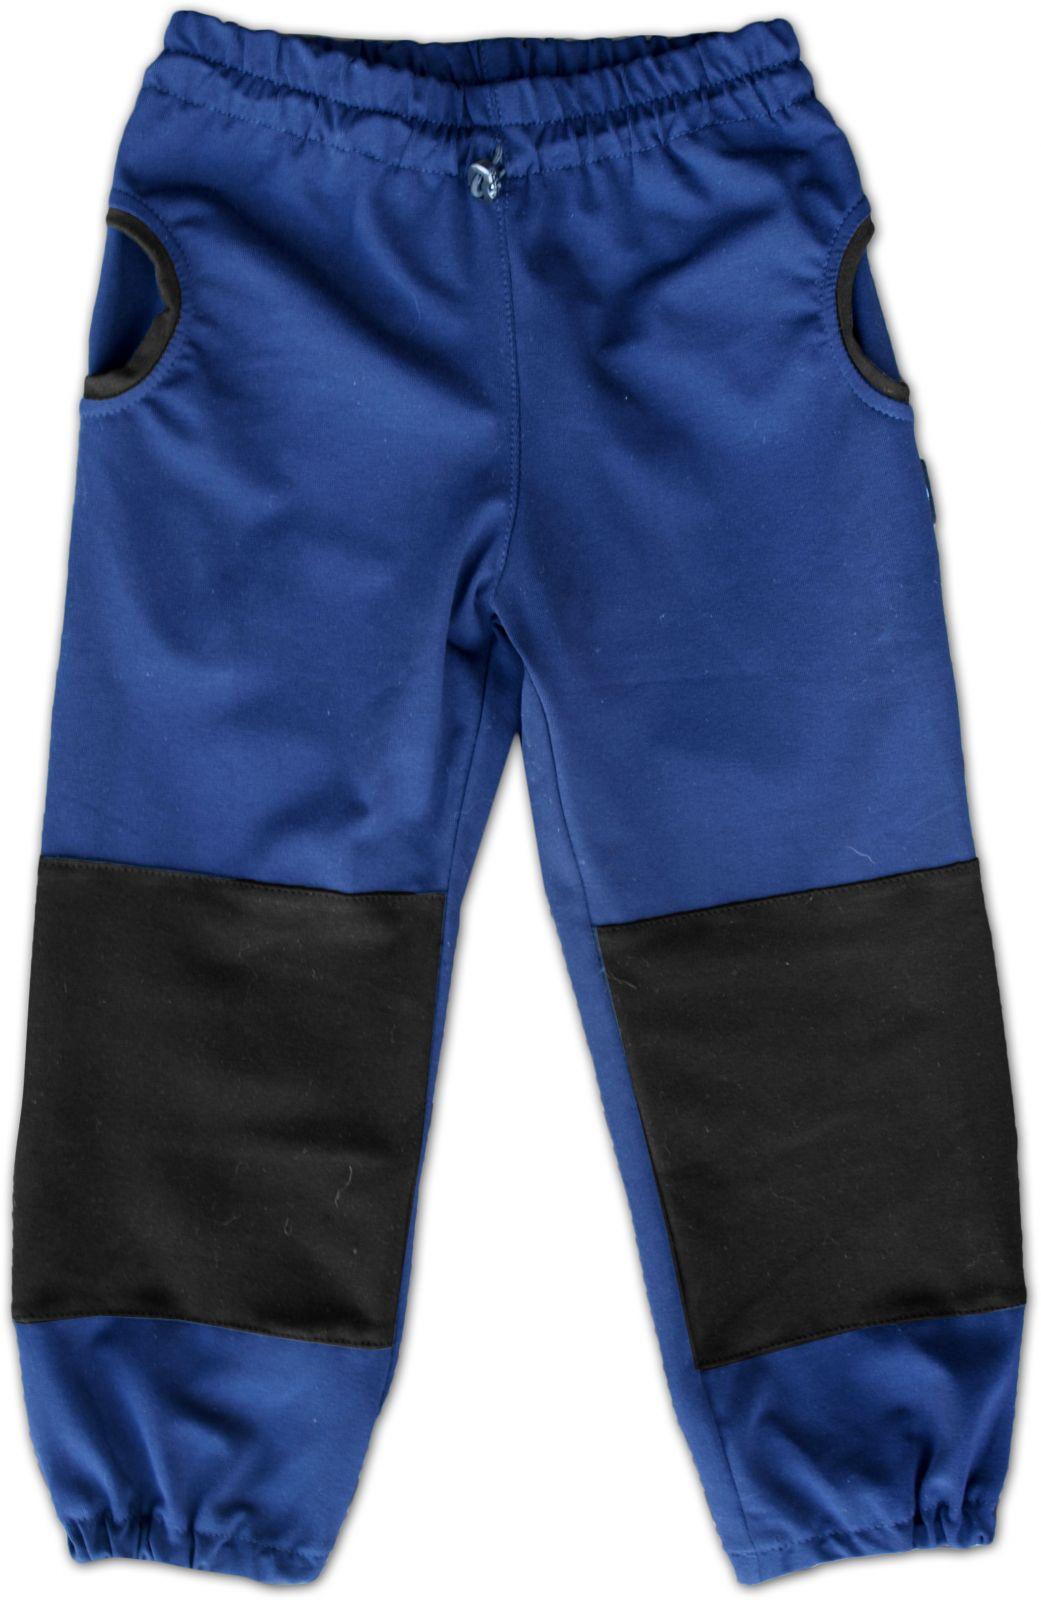 Dětské tepláky s kapsami, bavlněné, tmavě modré